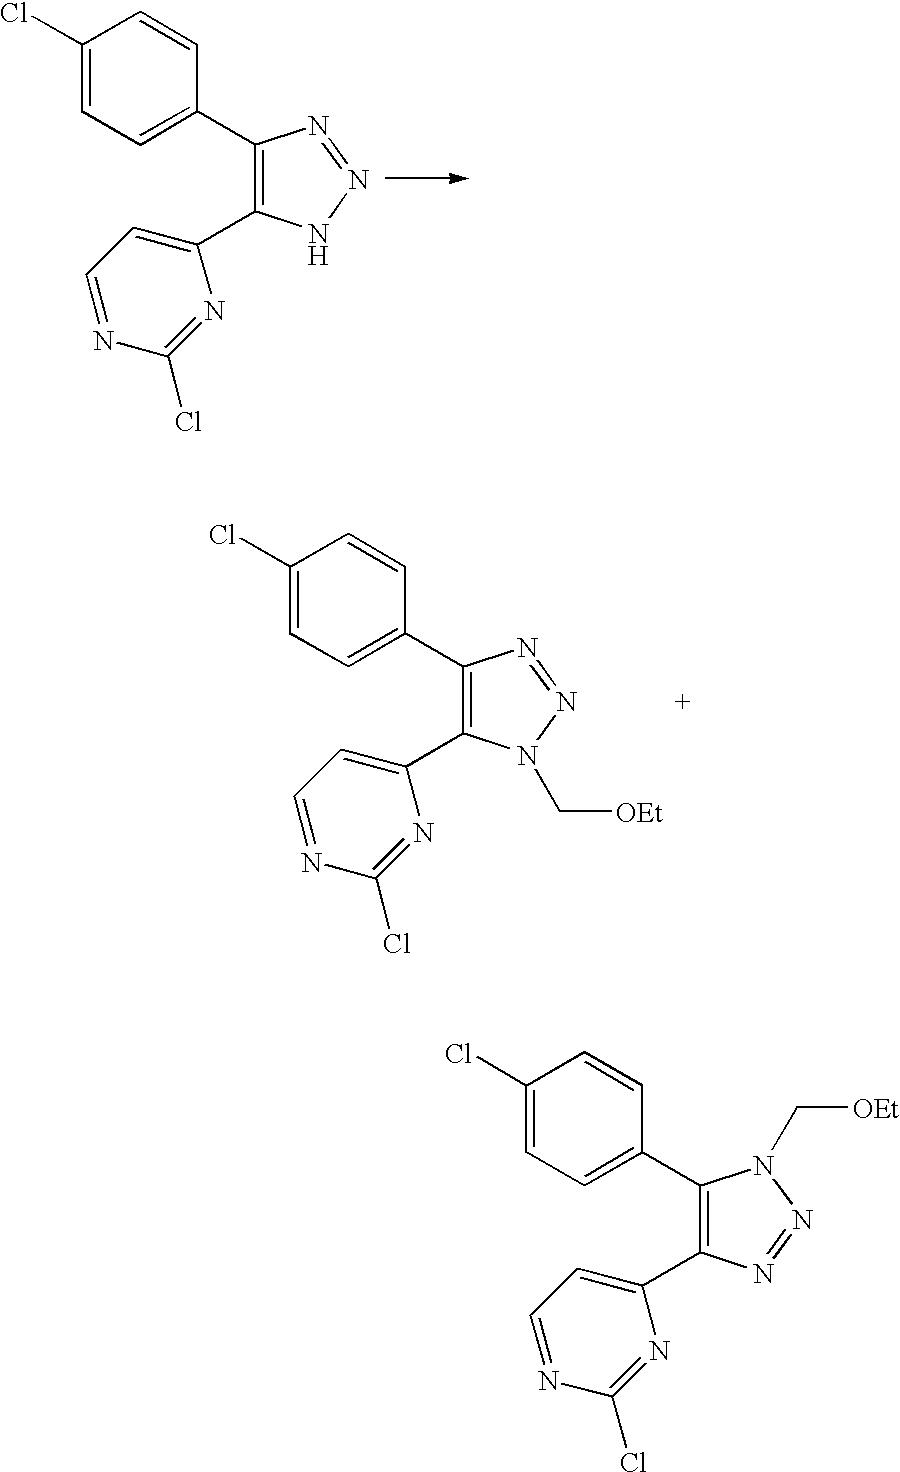 Figure US20030100558A1-20030529-C00067